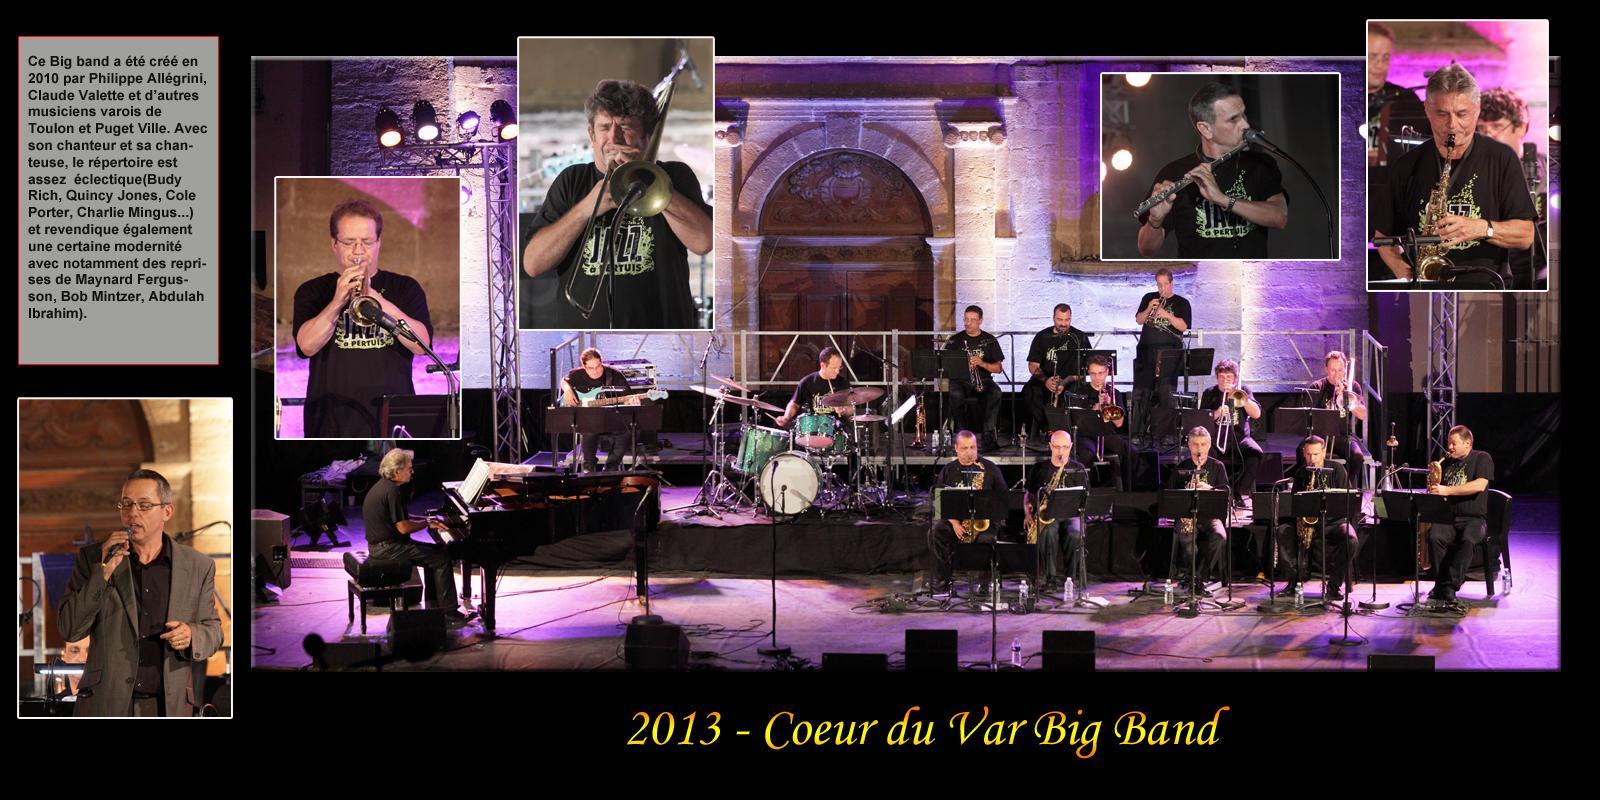 2013-Coeur du var Big Band